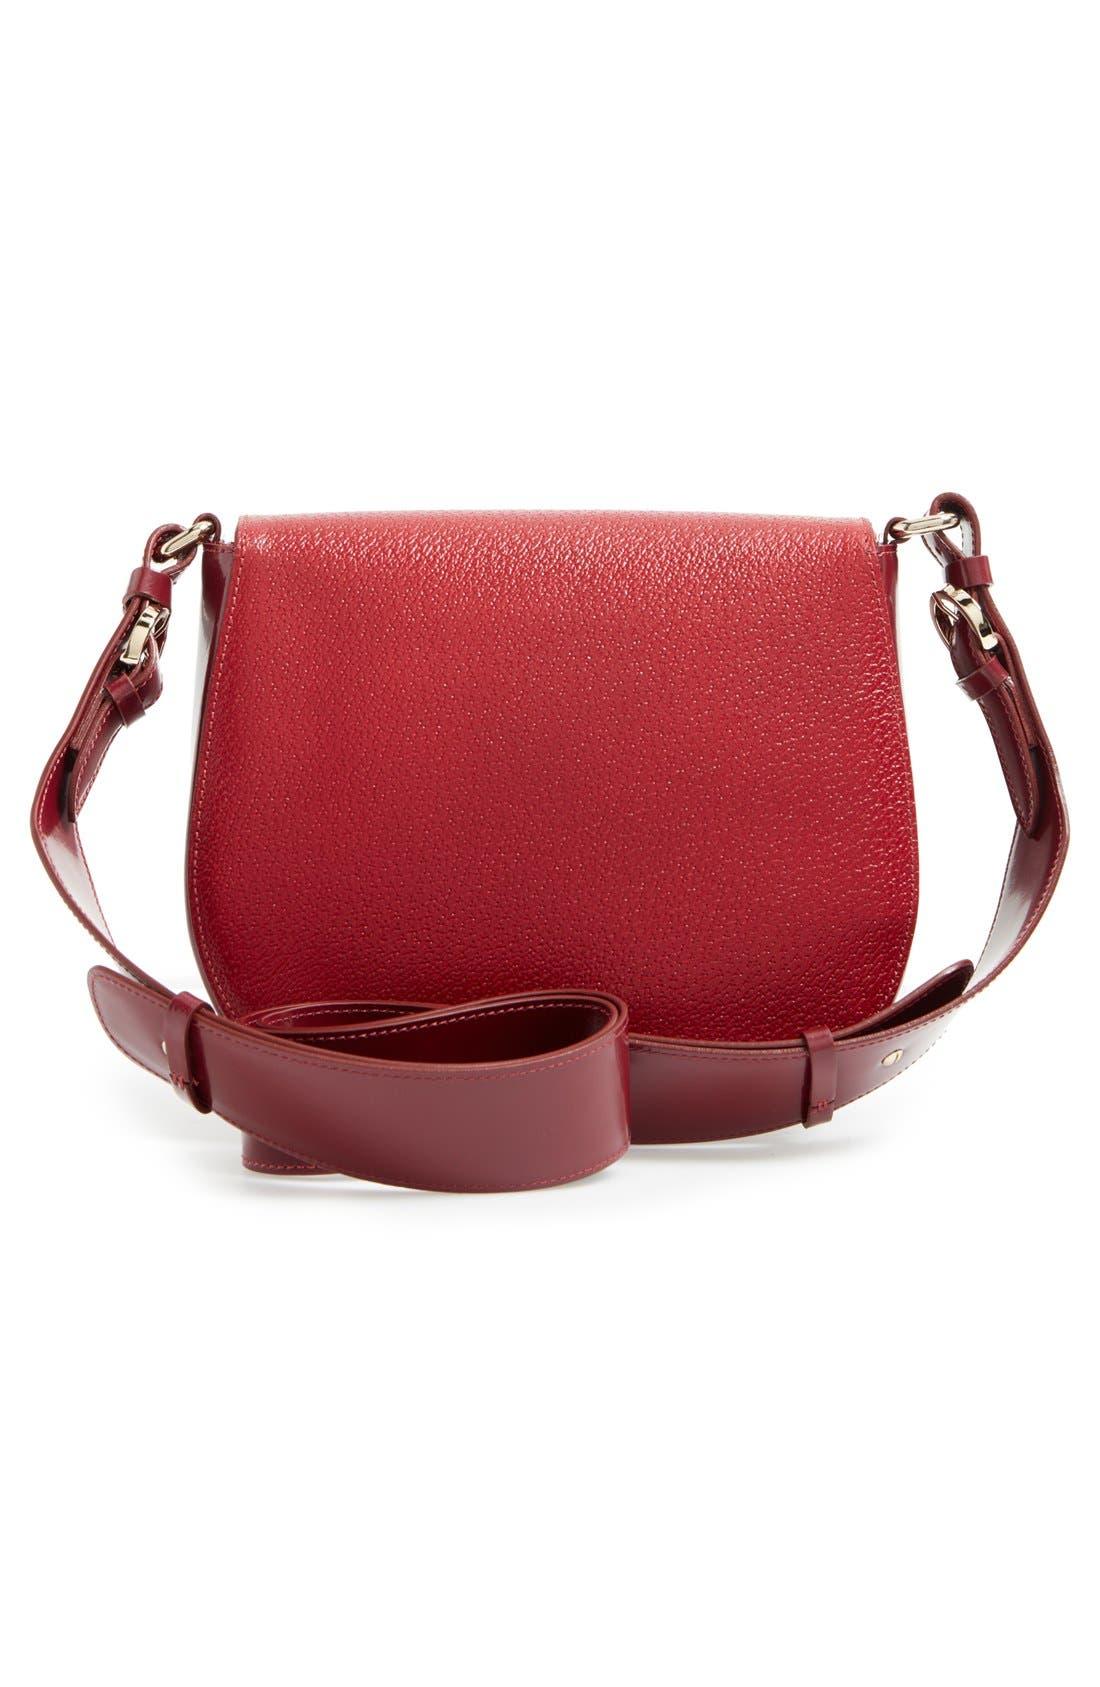 Alternate Image 2  - Frances Valentine 'Small Ellen' Leather Shoulder Bag